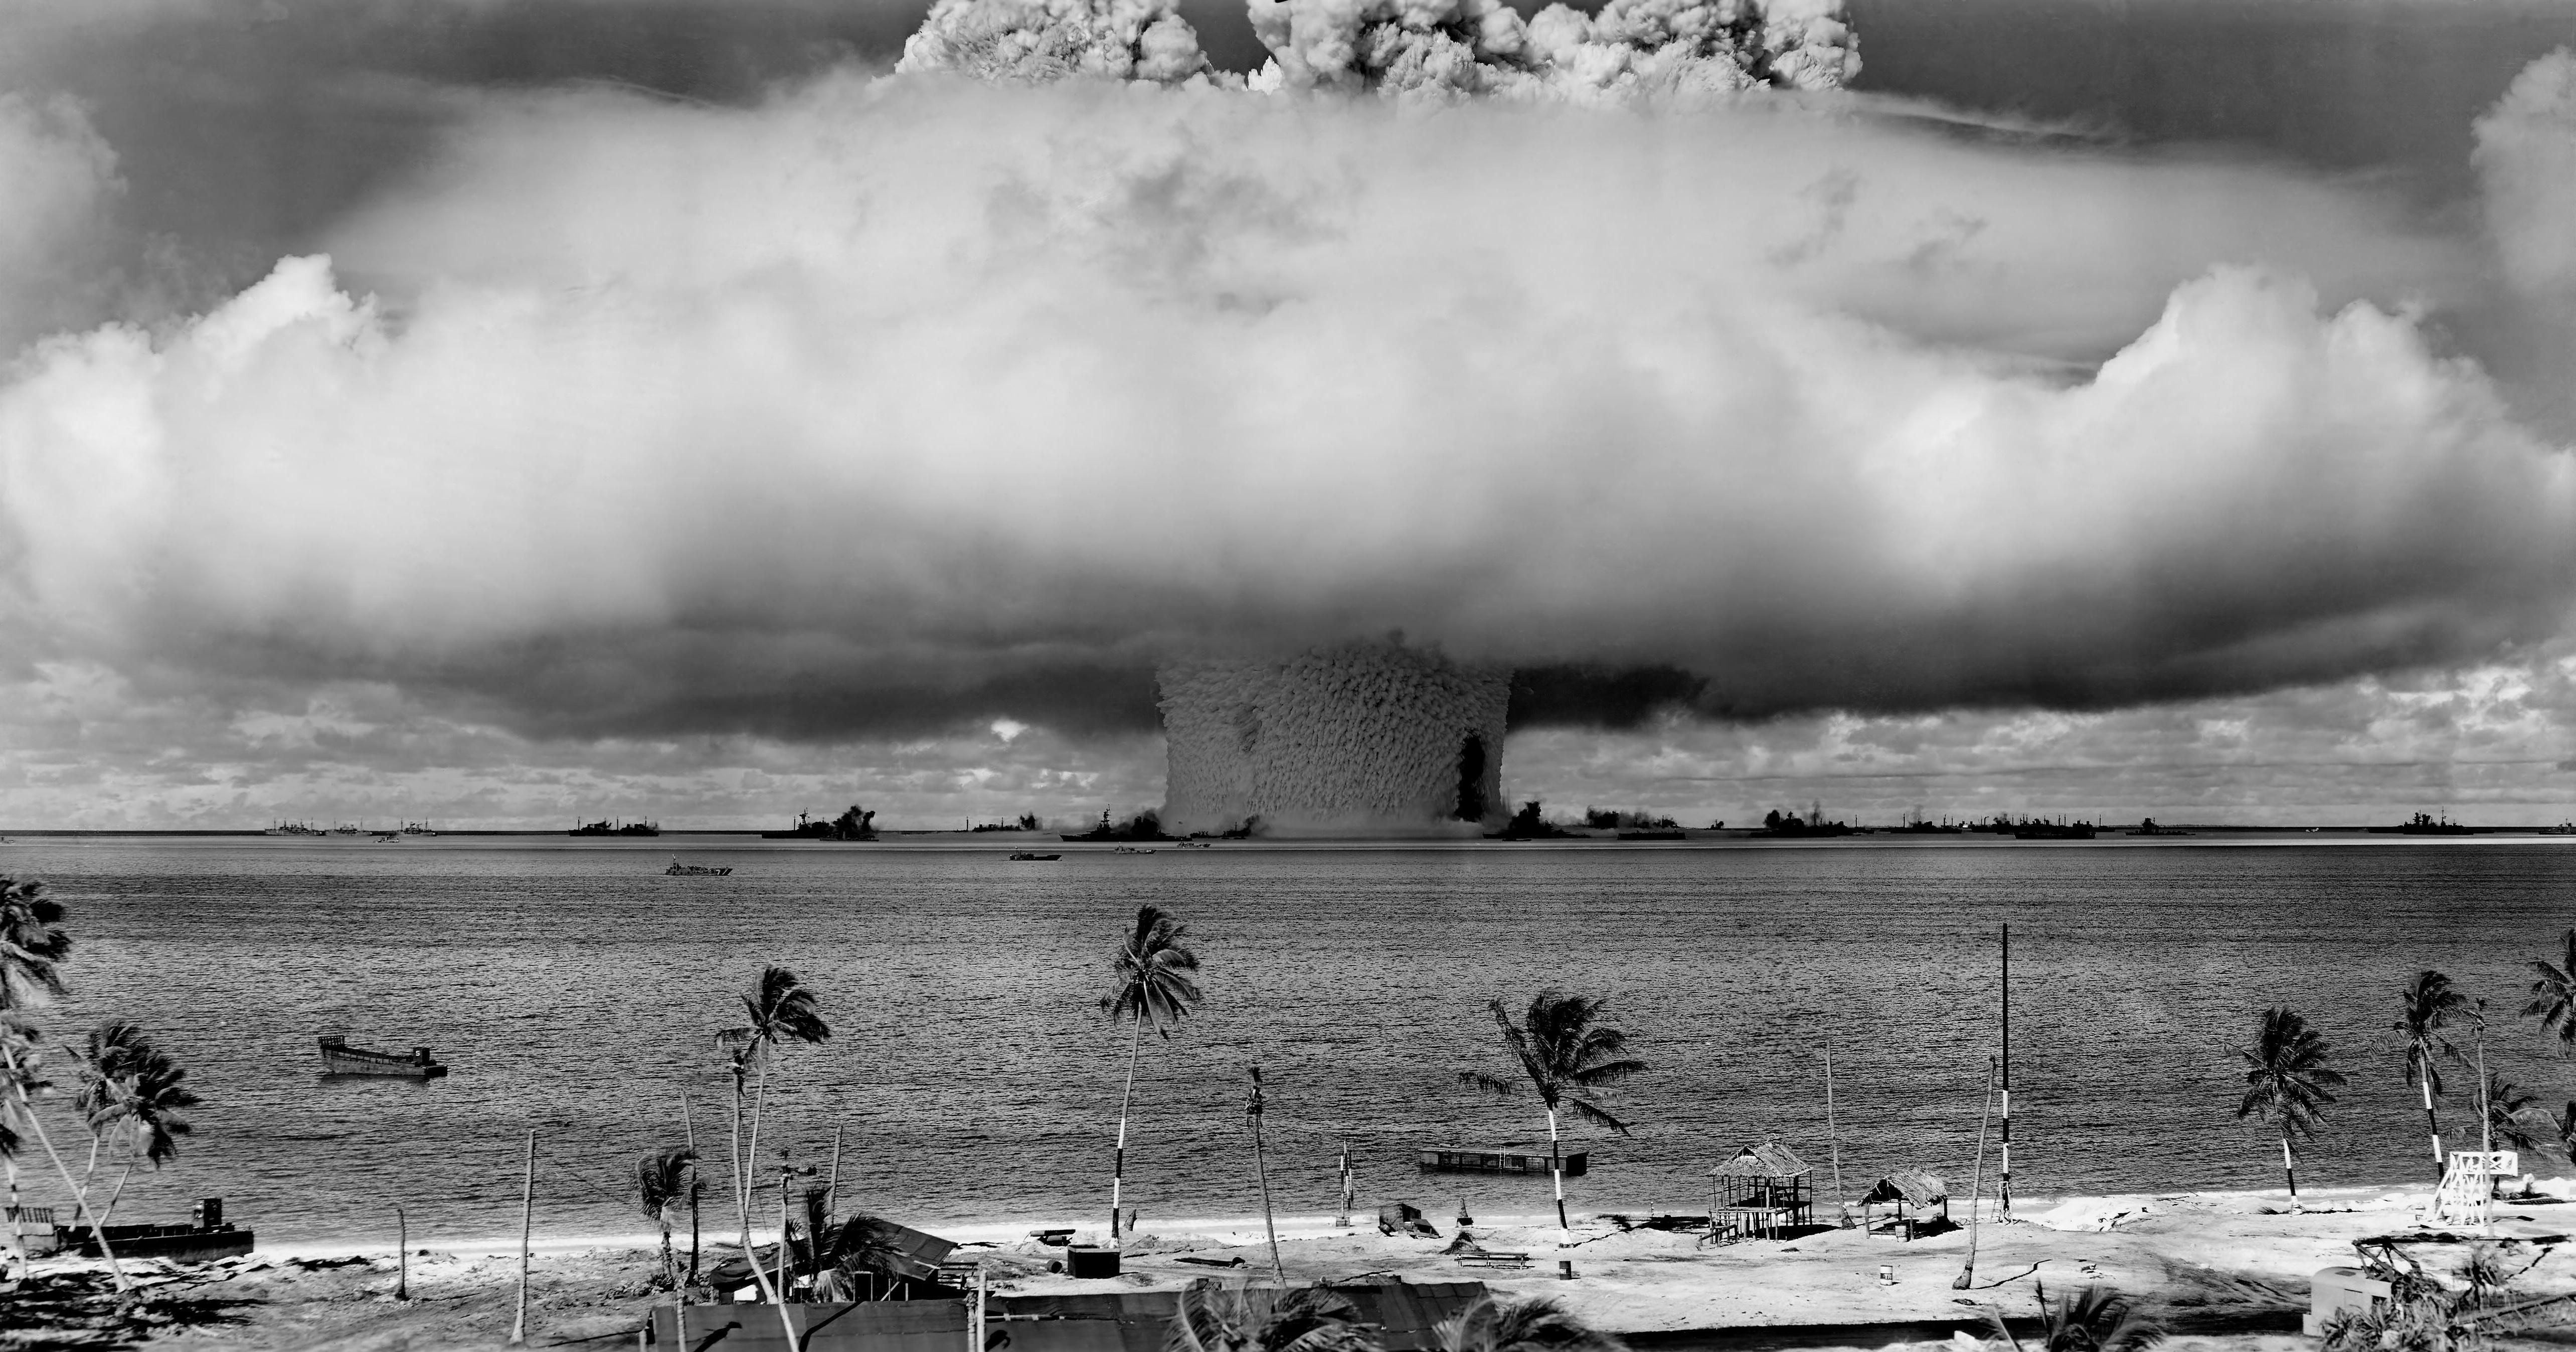 De Grote Nucleaire Verwarring: Wil België wel af van kernwapens?